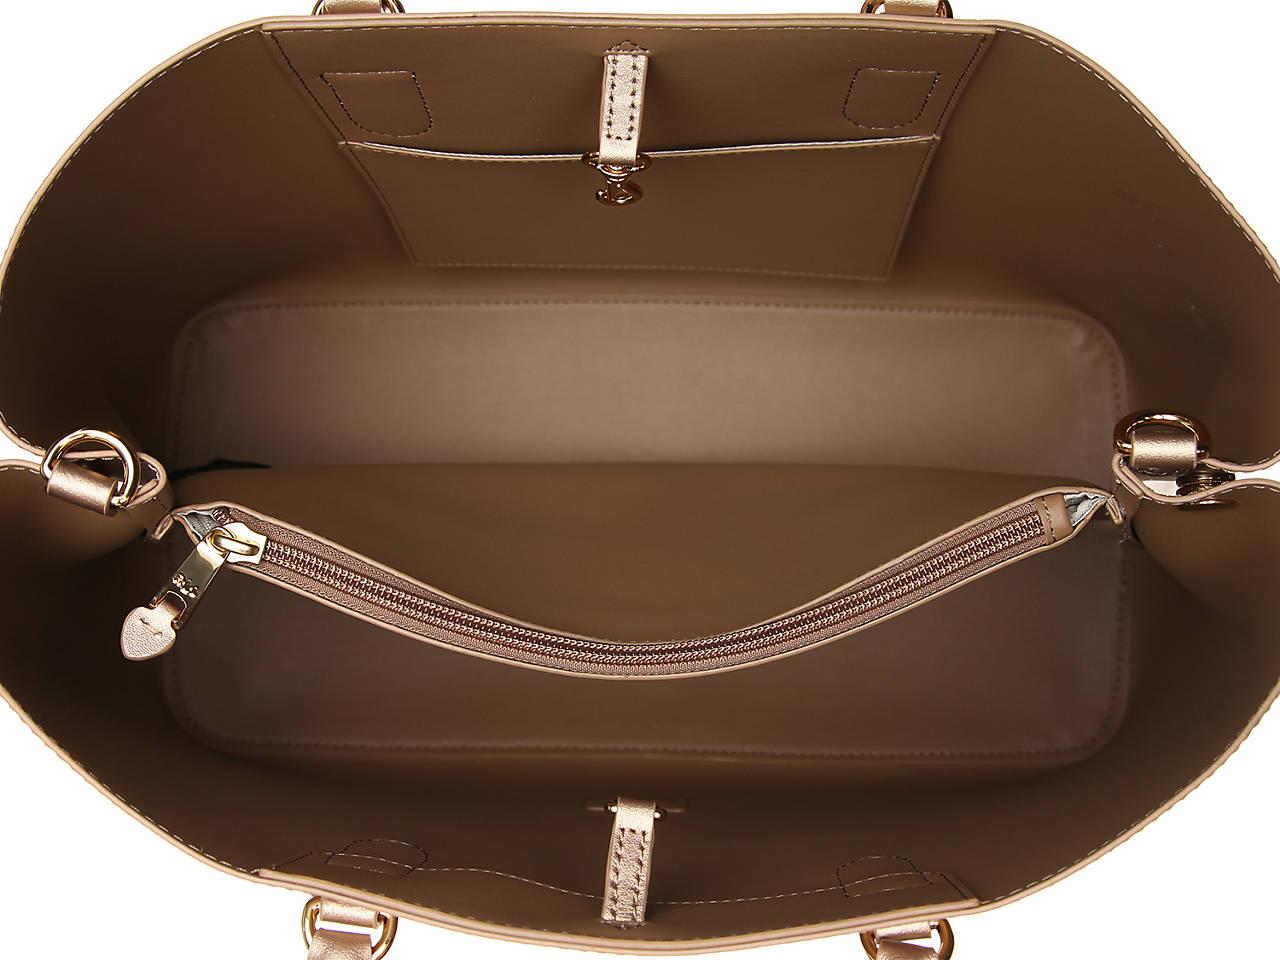 949cef8afd Lauren Ralph Lauren Dryden Marcy Leather Tote Women s Handbags ...